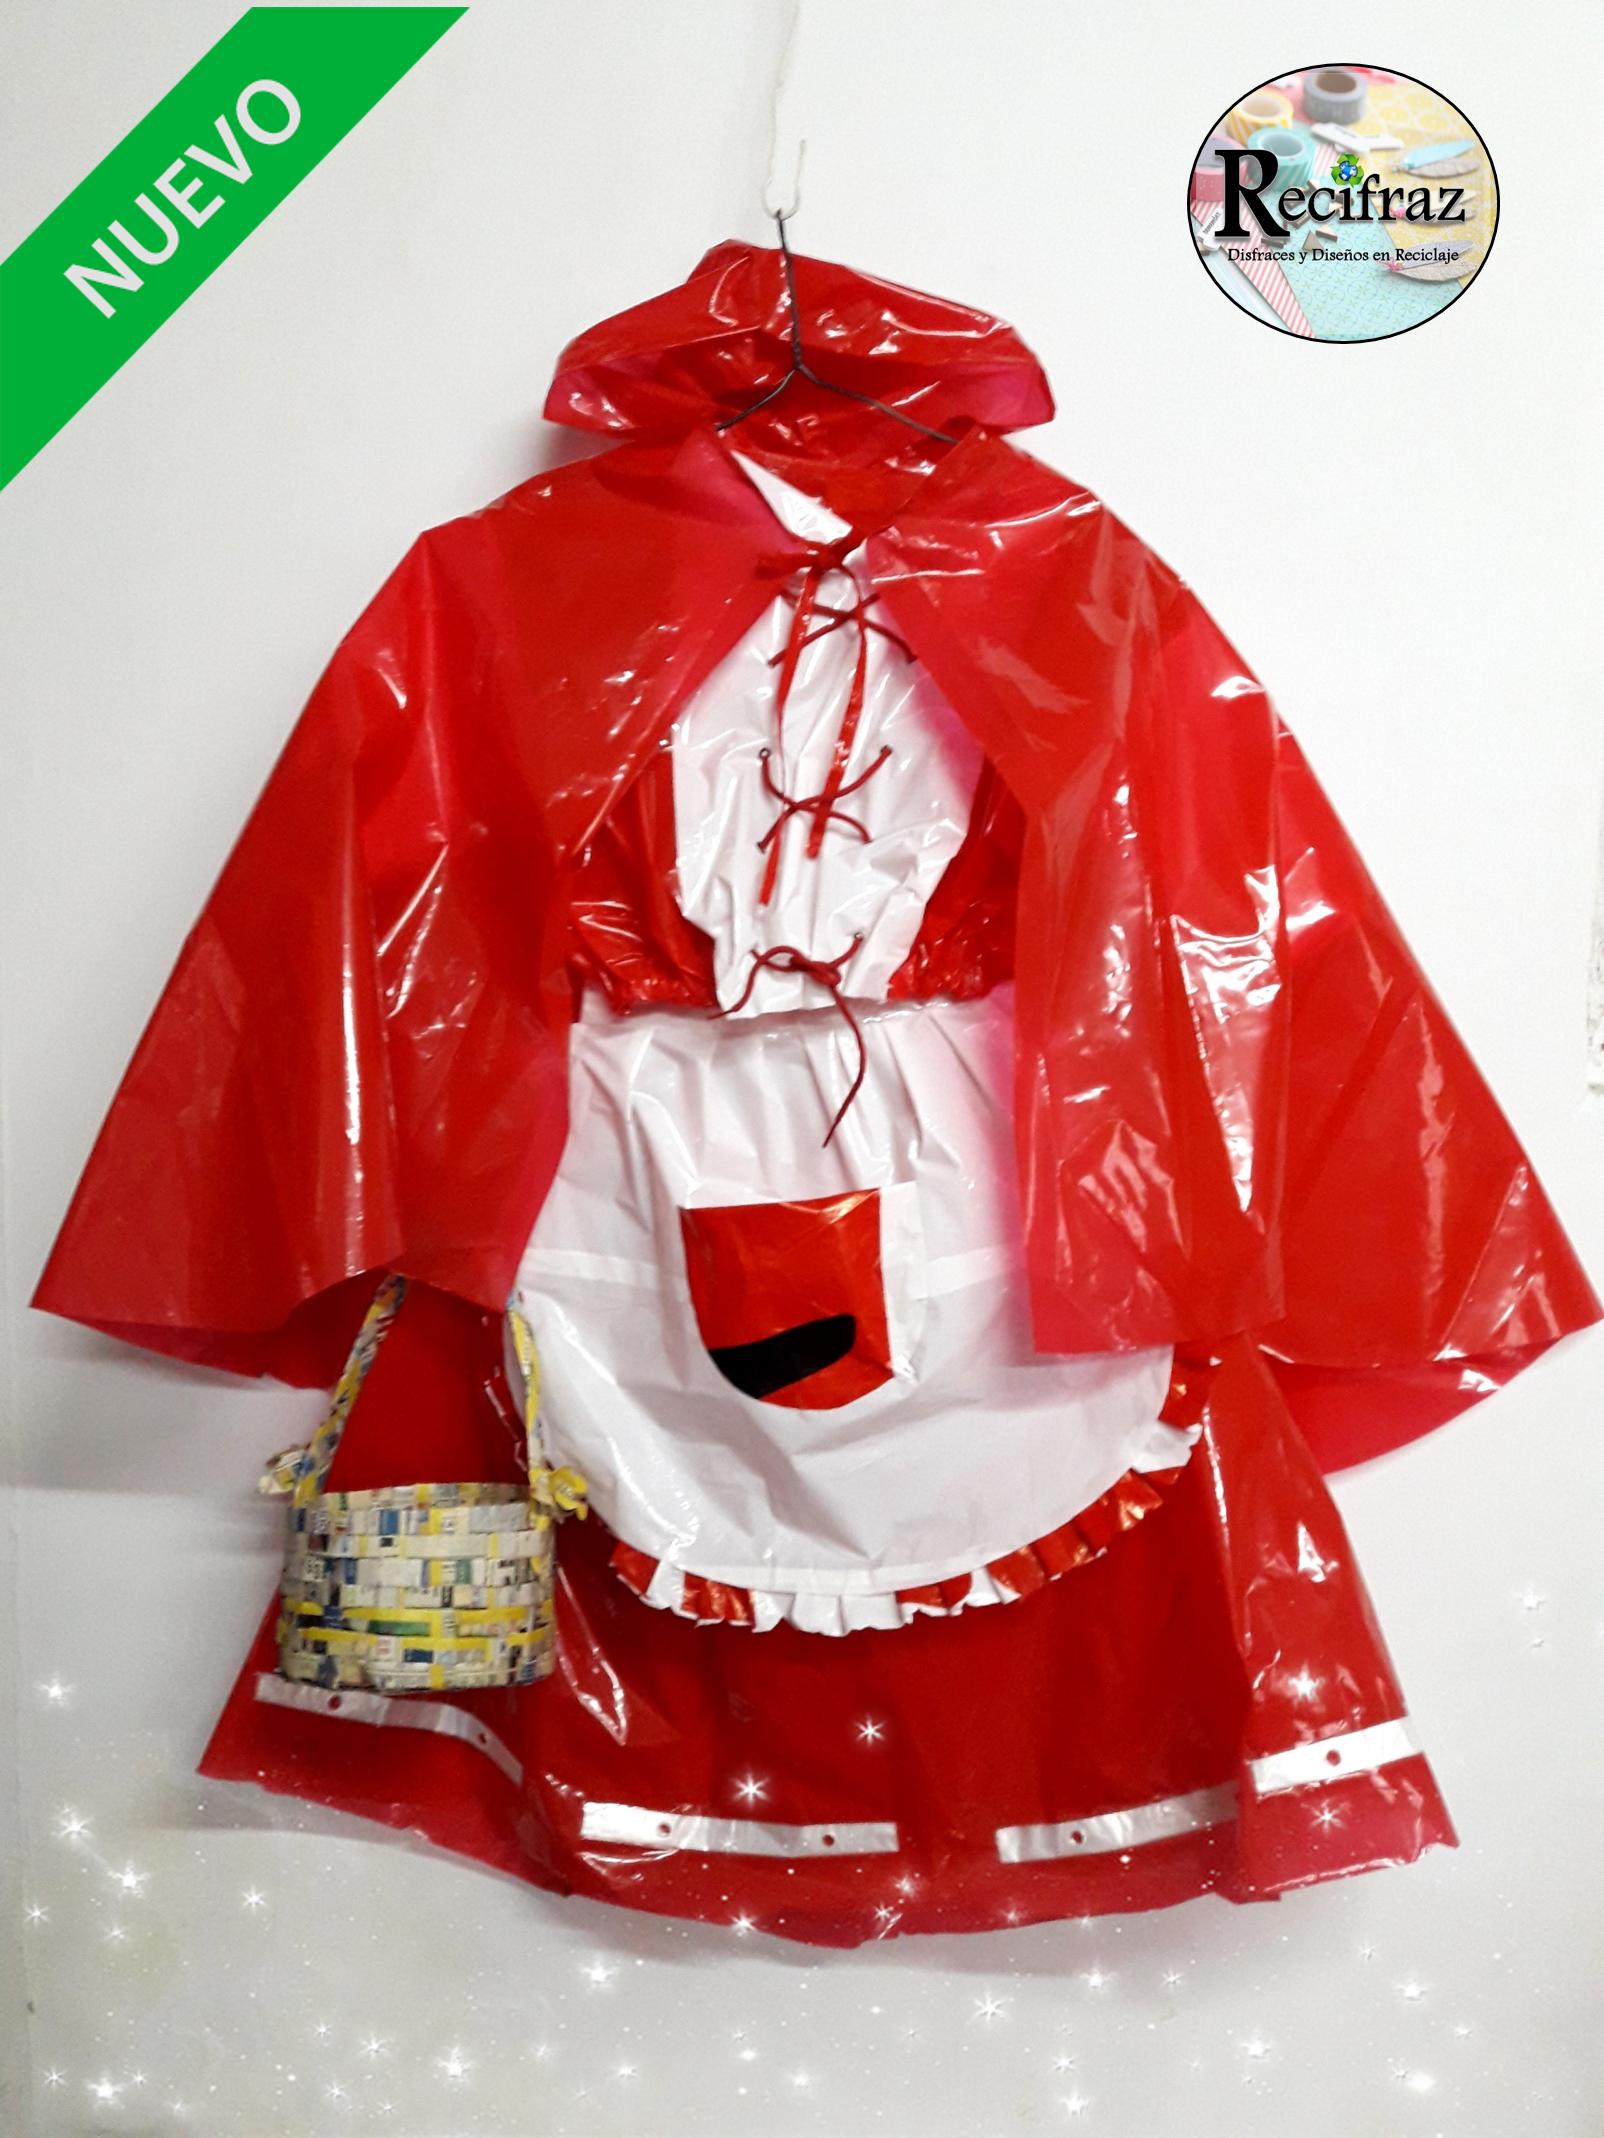 655c5d96ae3c Modelo: CAPERUCITA ROJA Disfraces y Diseños en Reciclaje RECIFRAZ ...